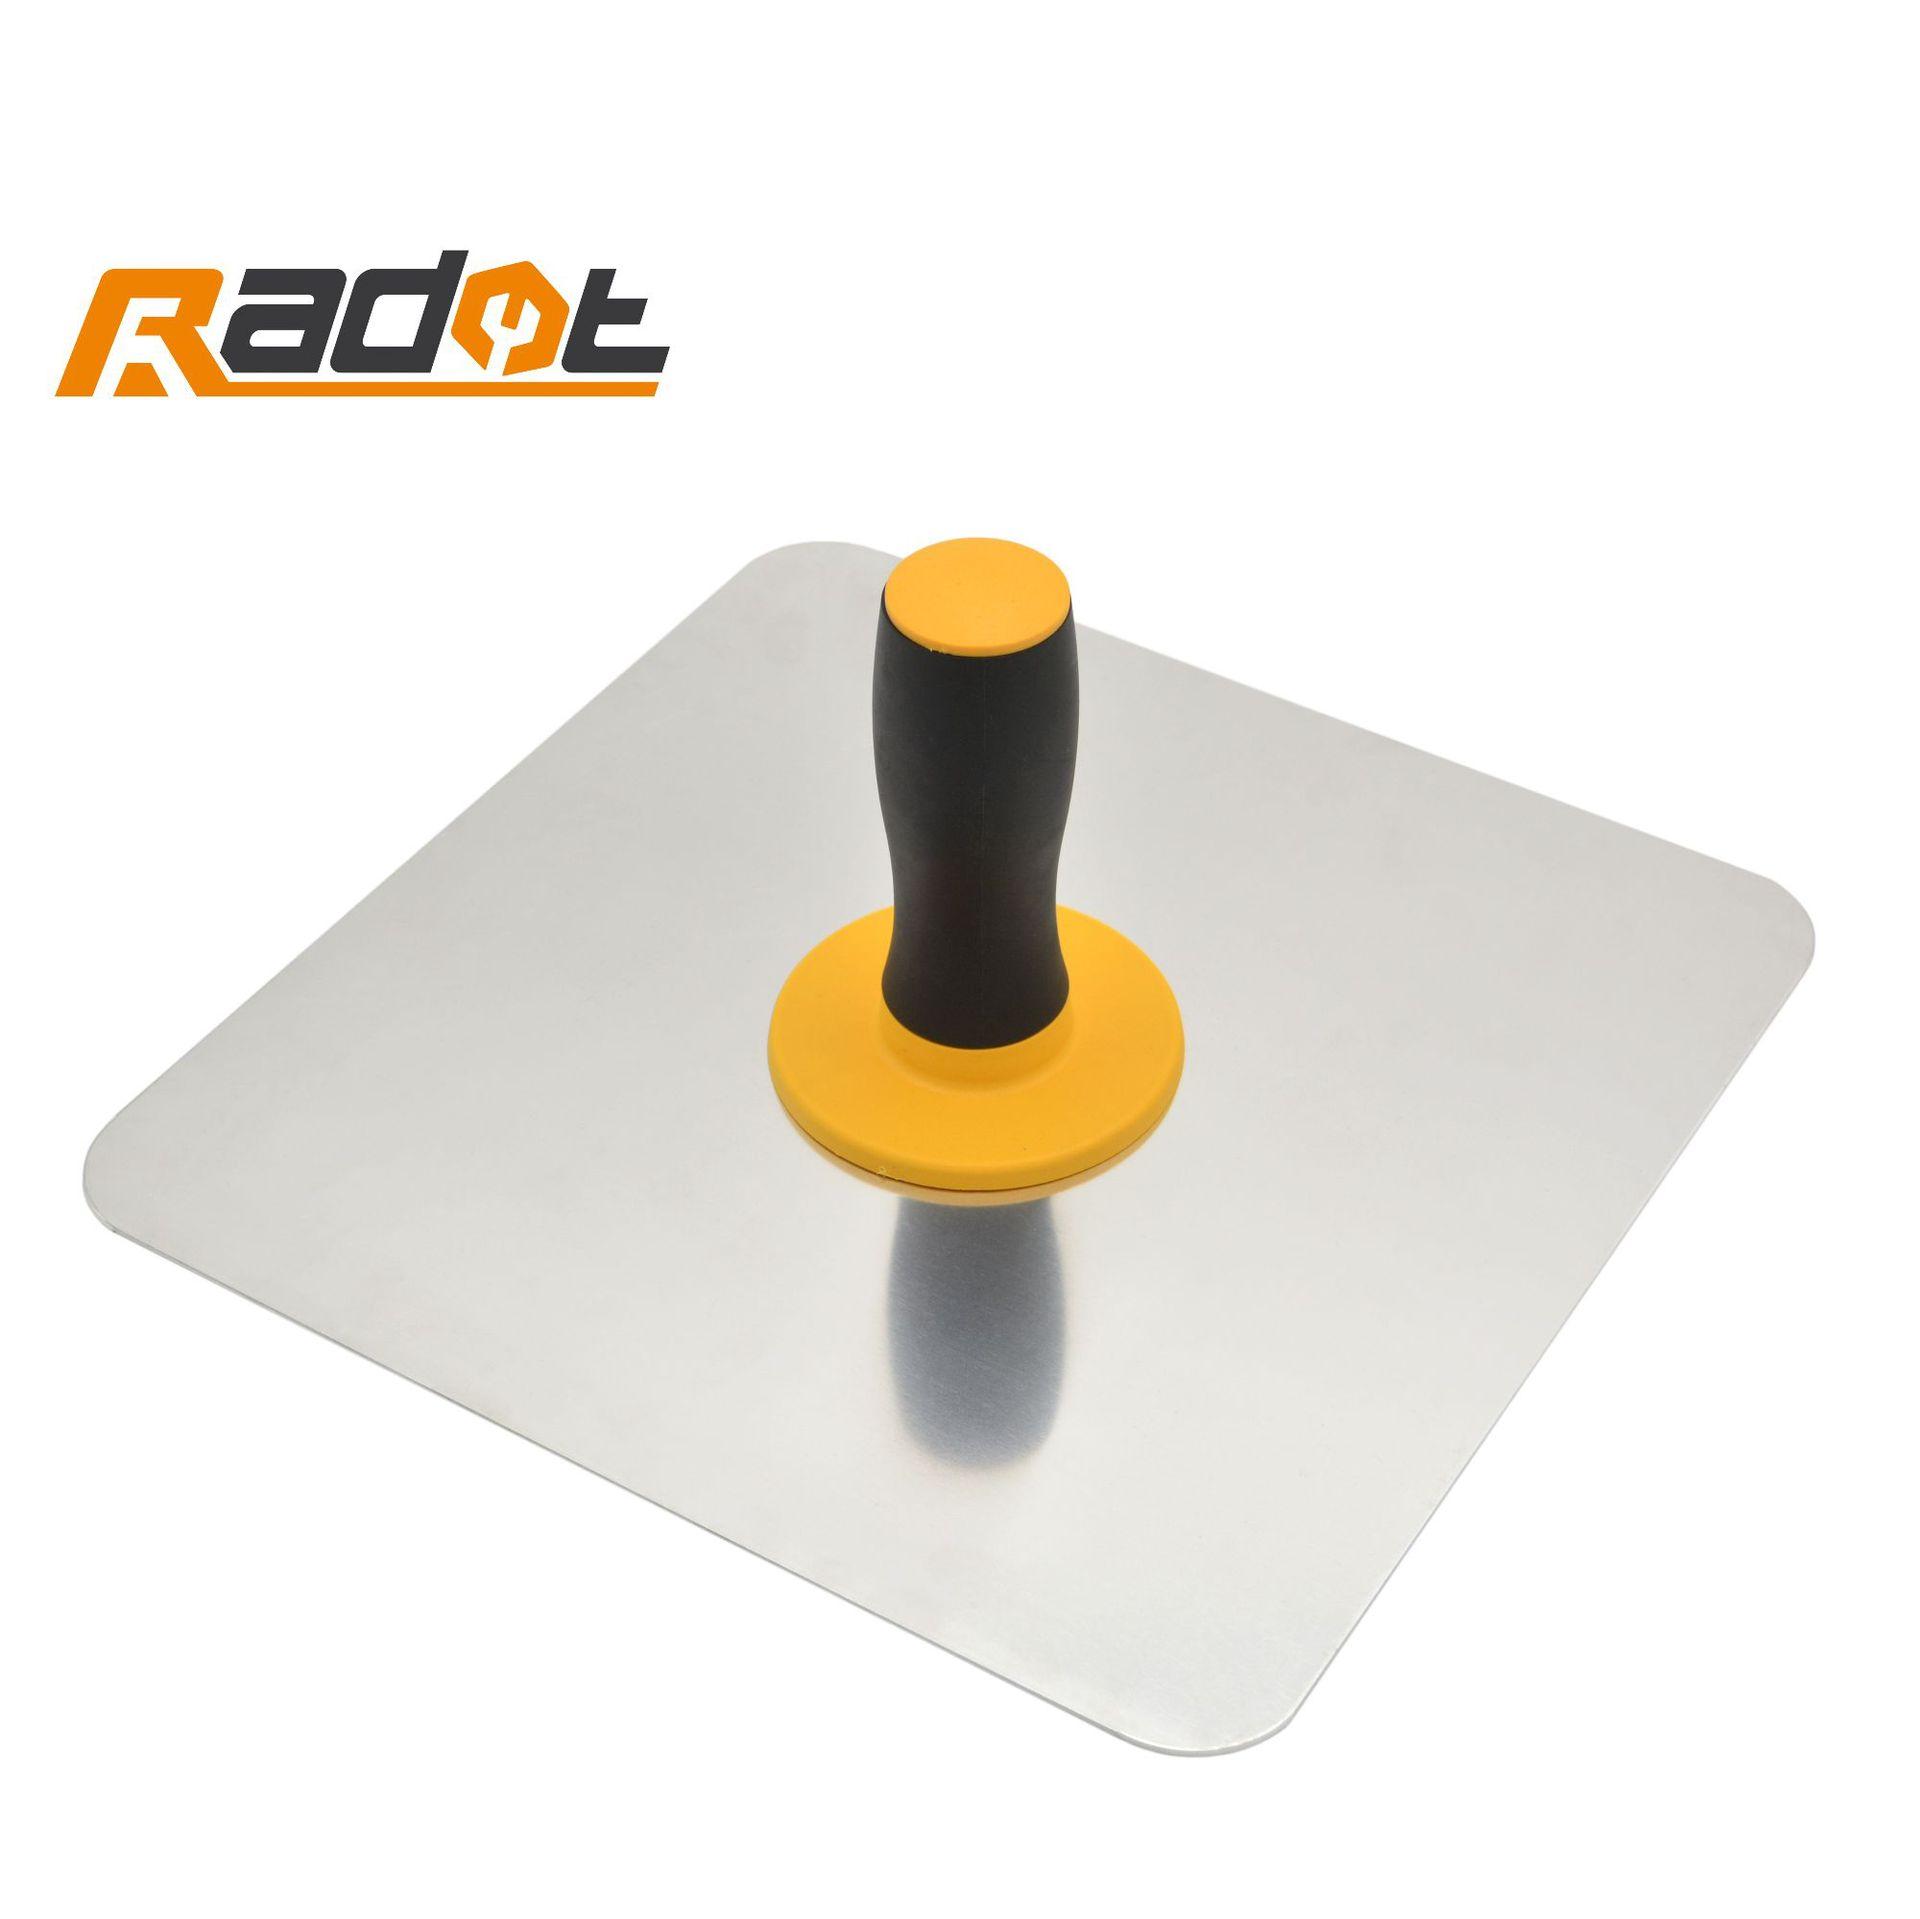 Công cụ nghề mộc Các nhà sản xuất bảng màu xám yêu thích bán hàng trực tiếp tấm nhôm hai tay cầm hỗ